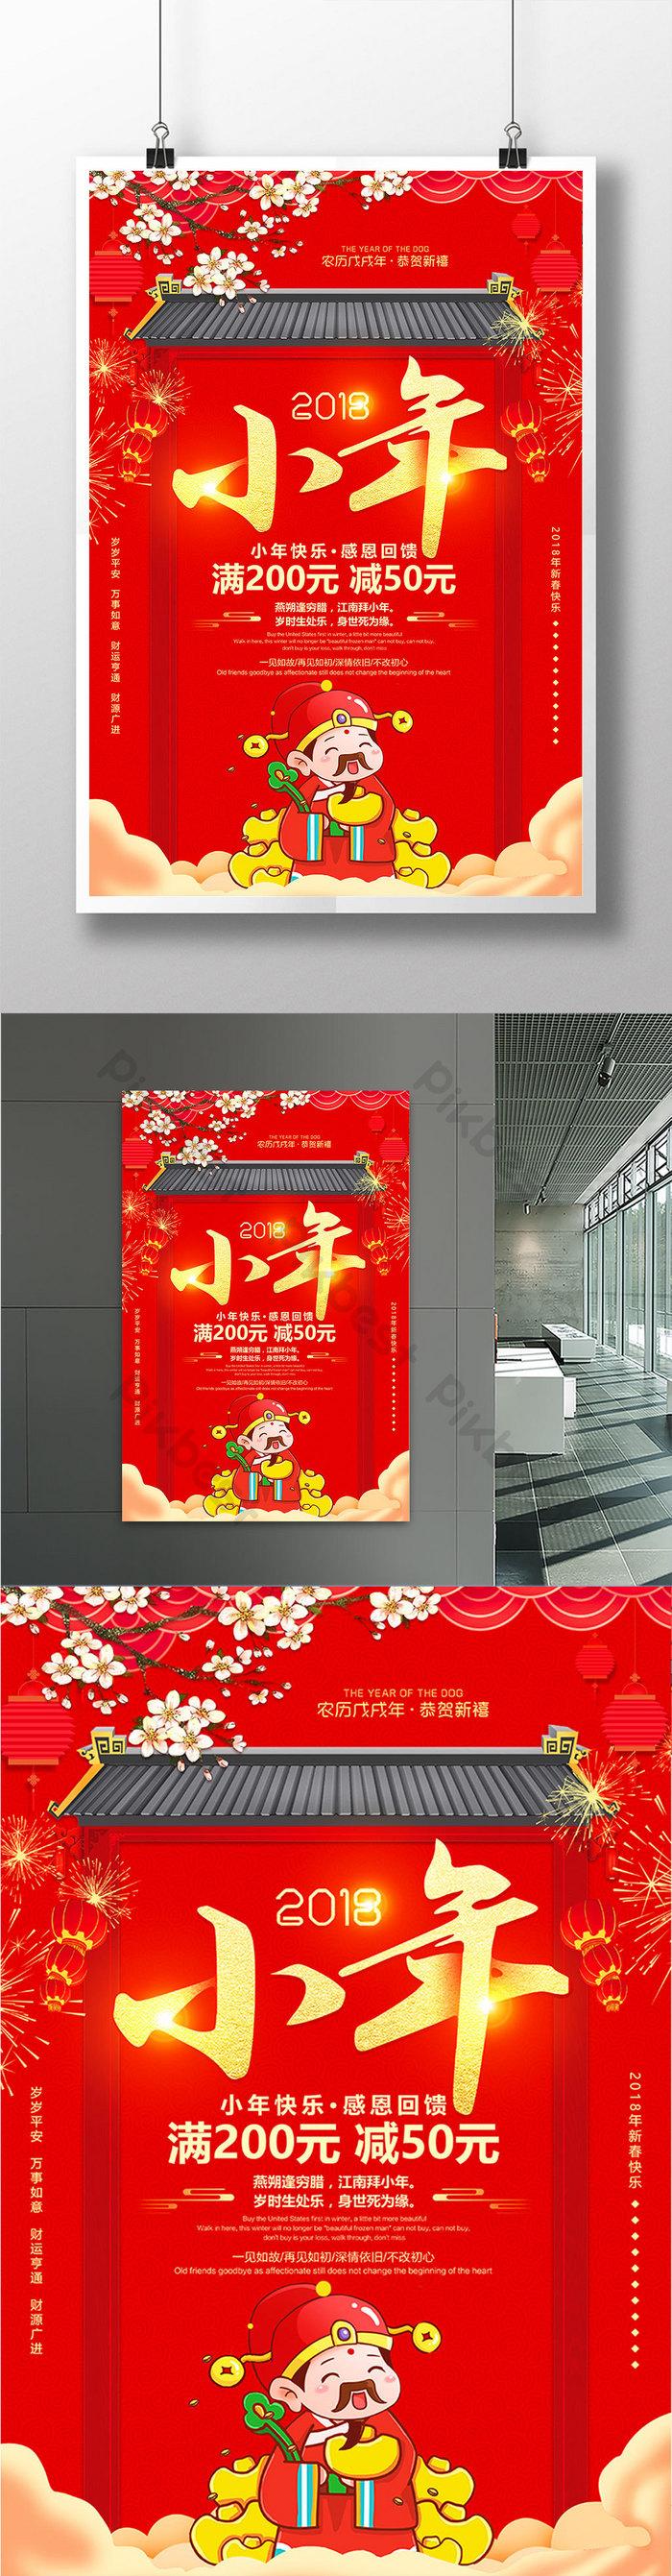 2018狗年除夕除夕中文宣傳海報| PSD 素材免費下載 - Pikbest